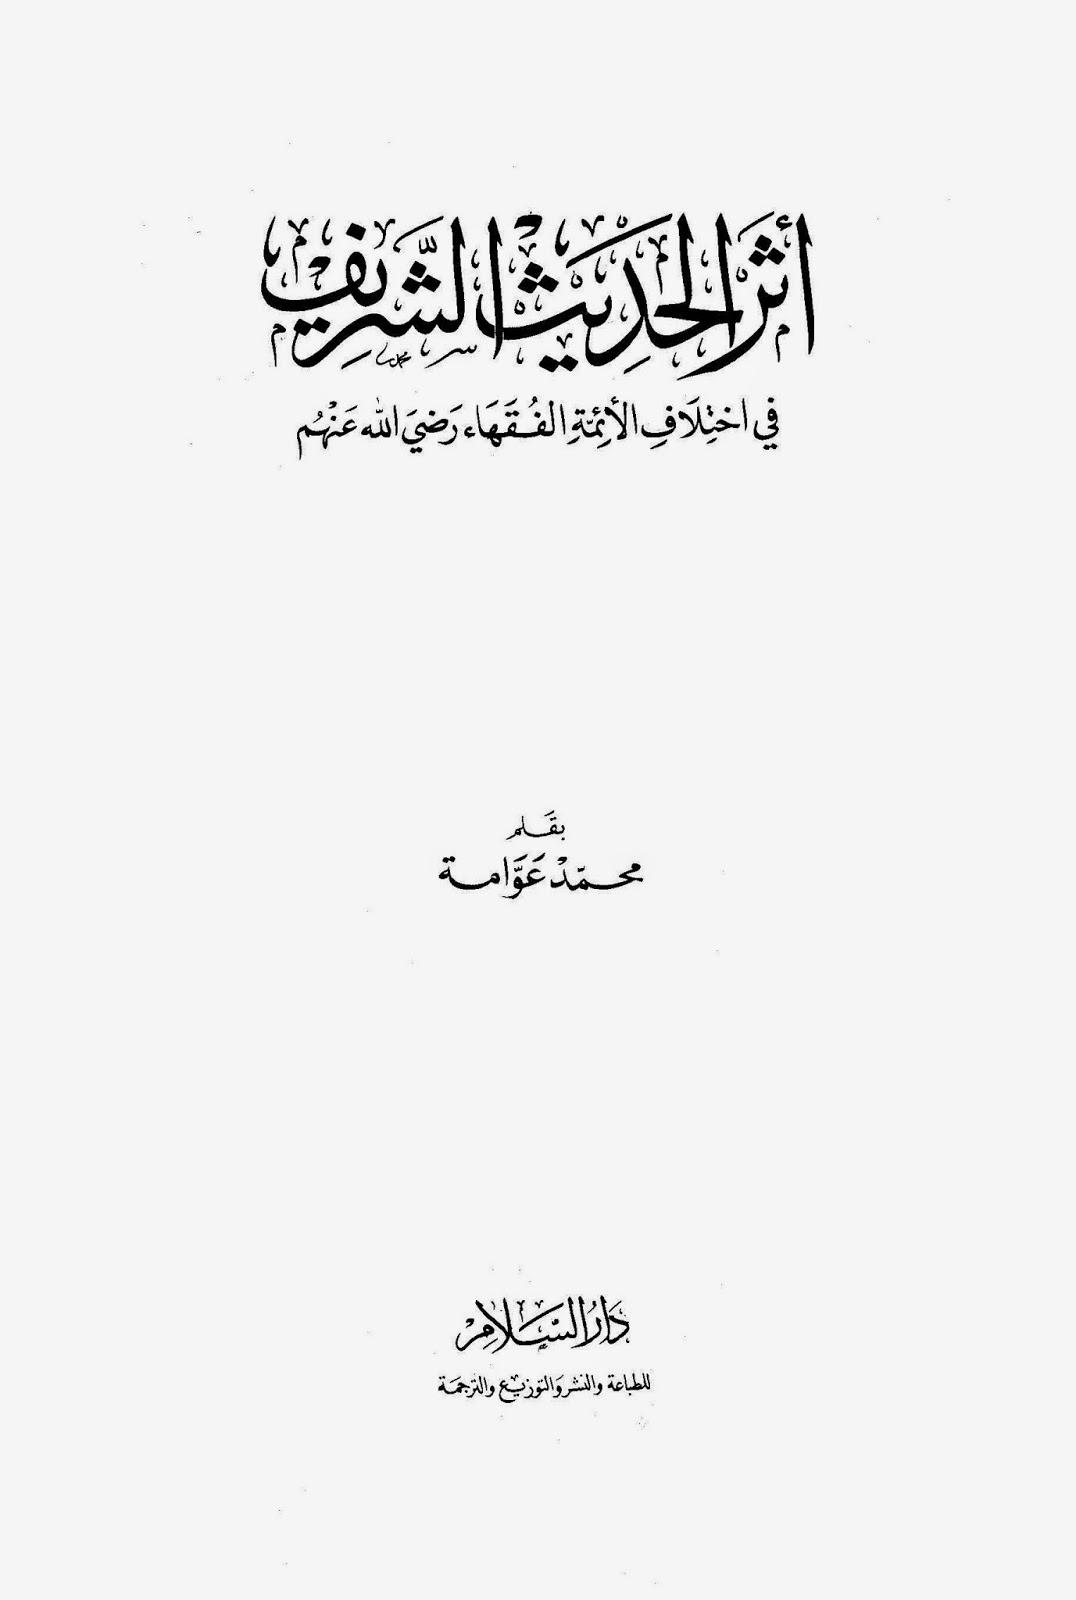 أثر الحديث الشريف في إختلاف الأئمة الفقهاء رضي الله عنهم - محمد عوام pdf